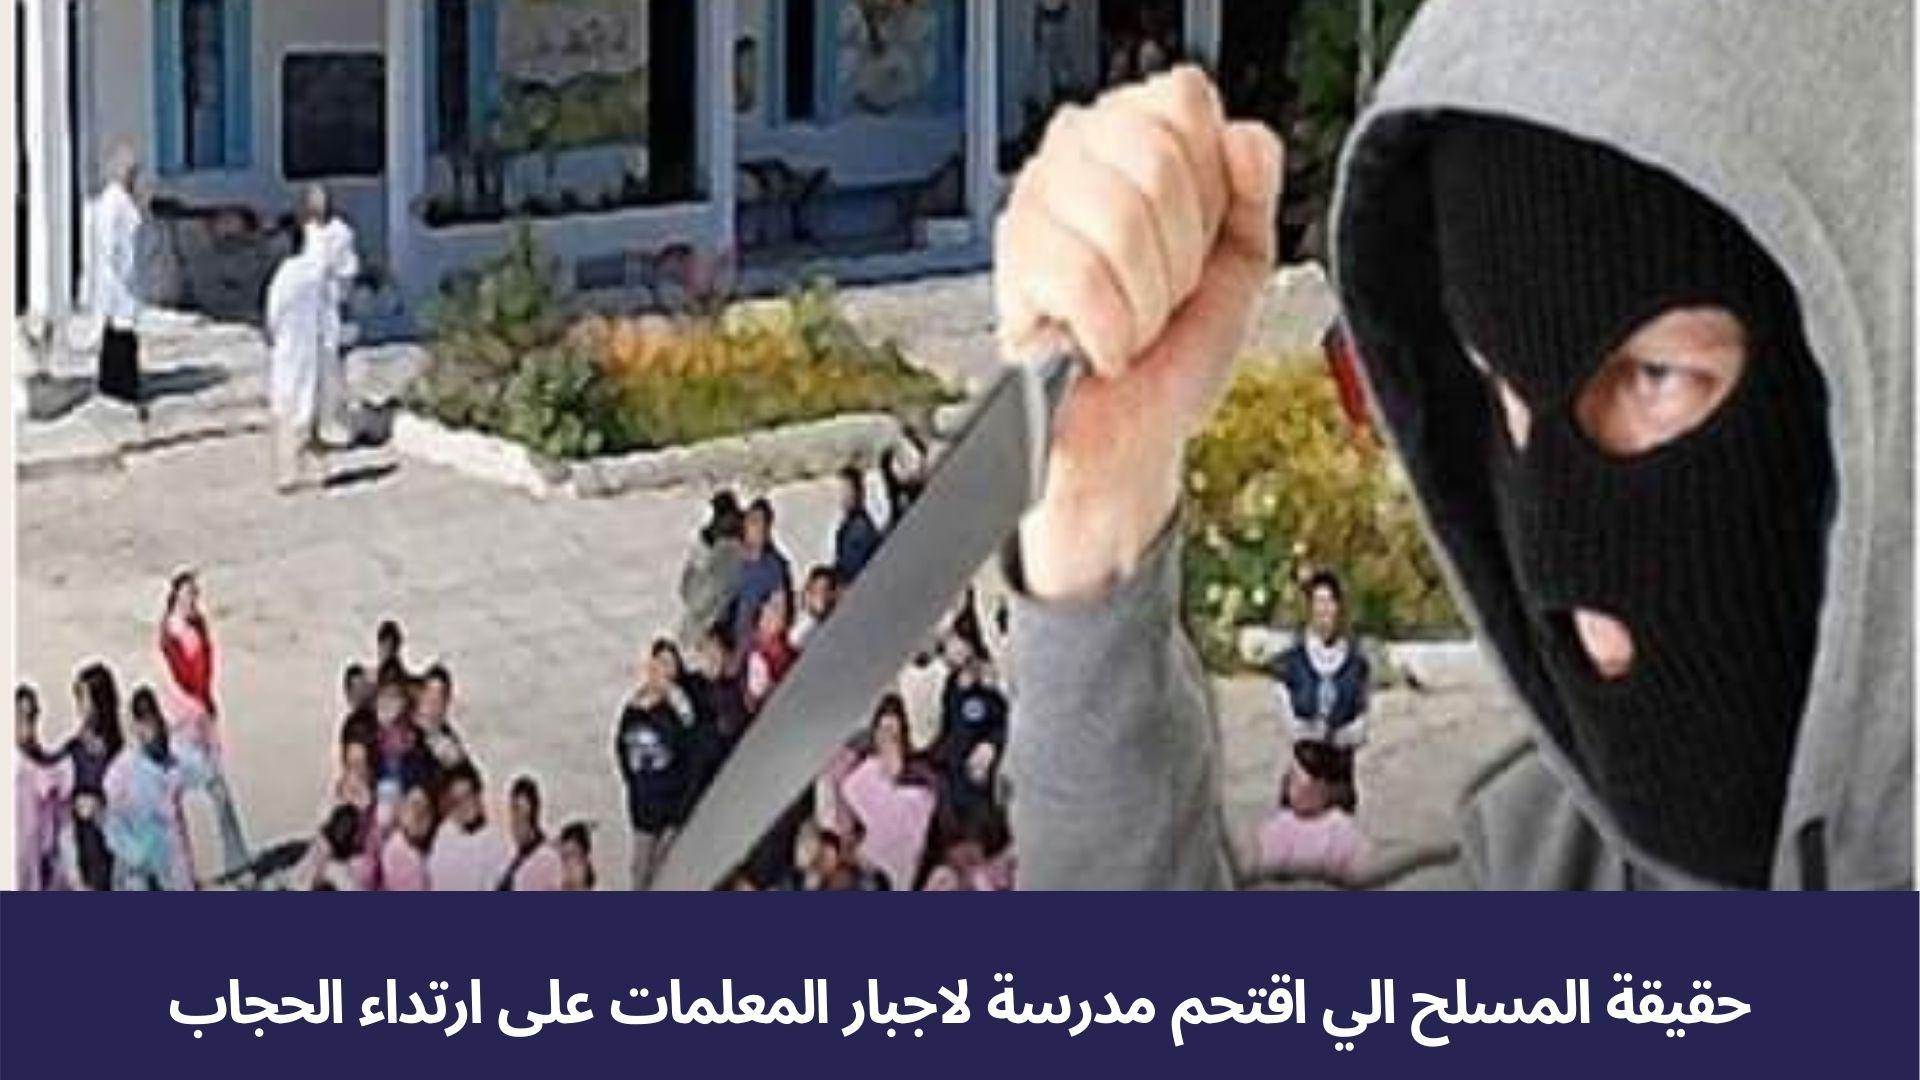 حقيقة المسلح الي اقتحم مدرسة لاجبار المعلمات على ارتداء الحجاب